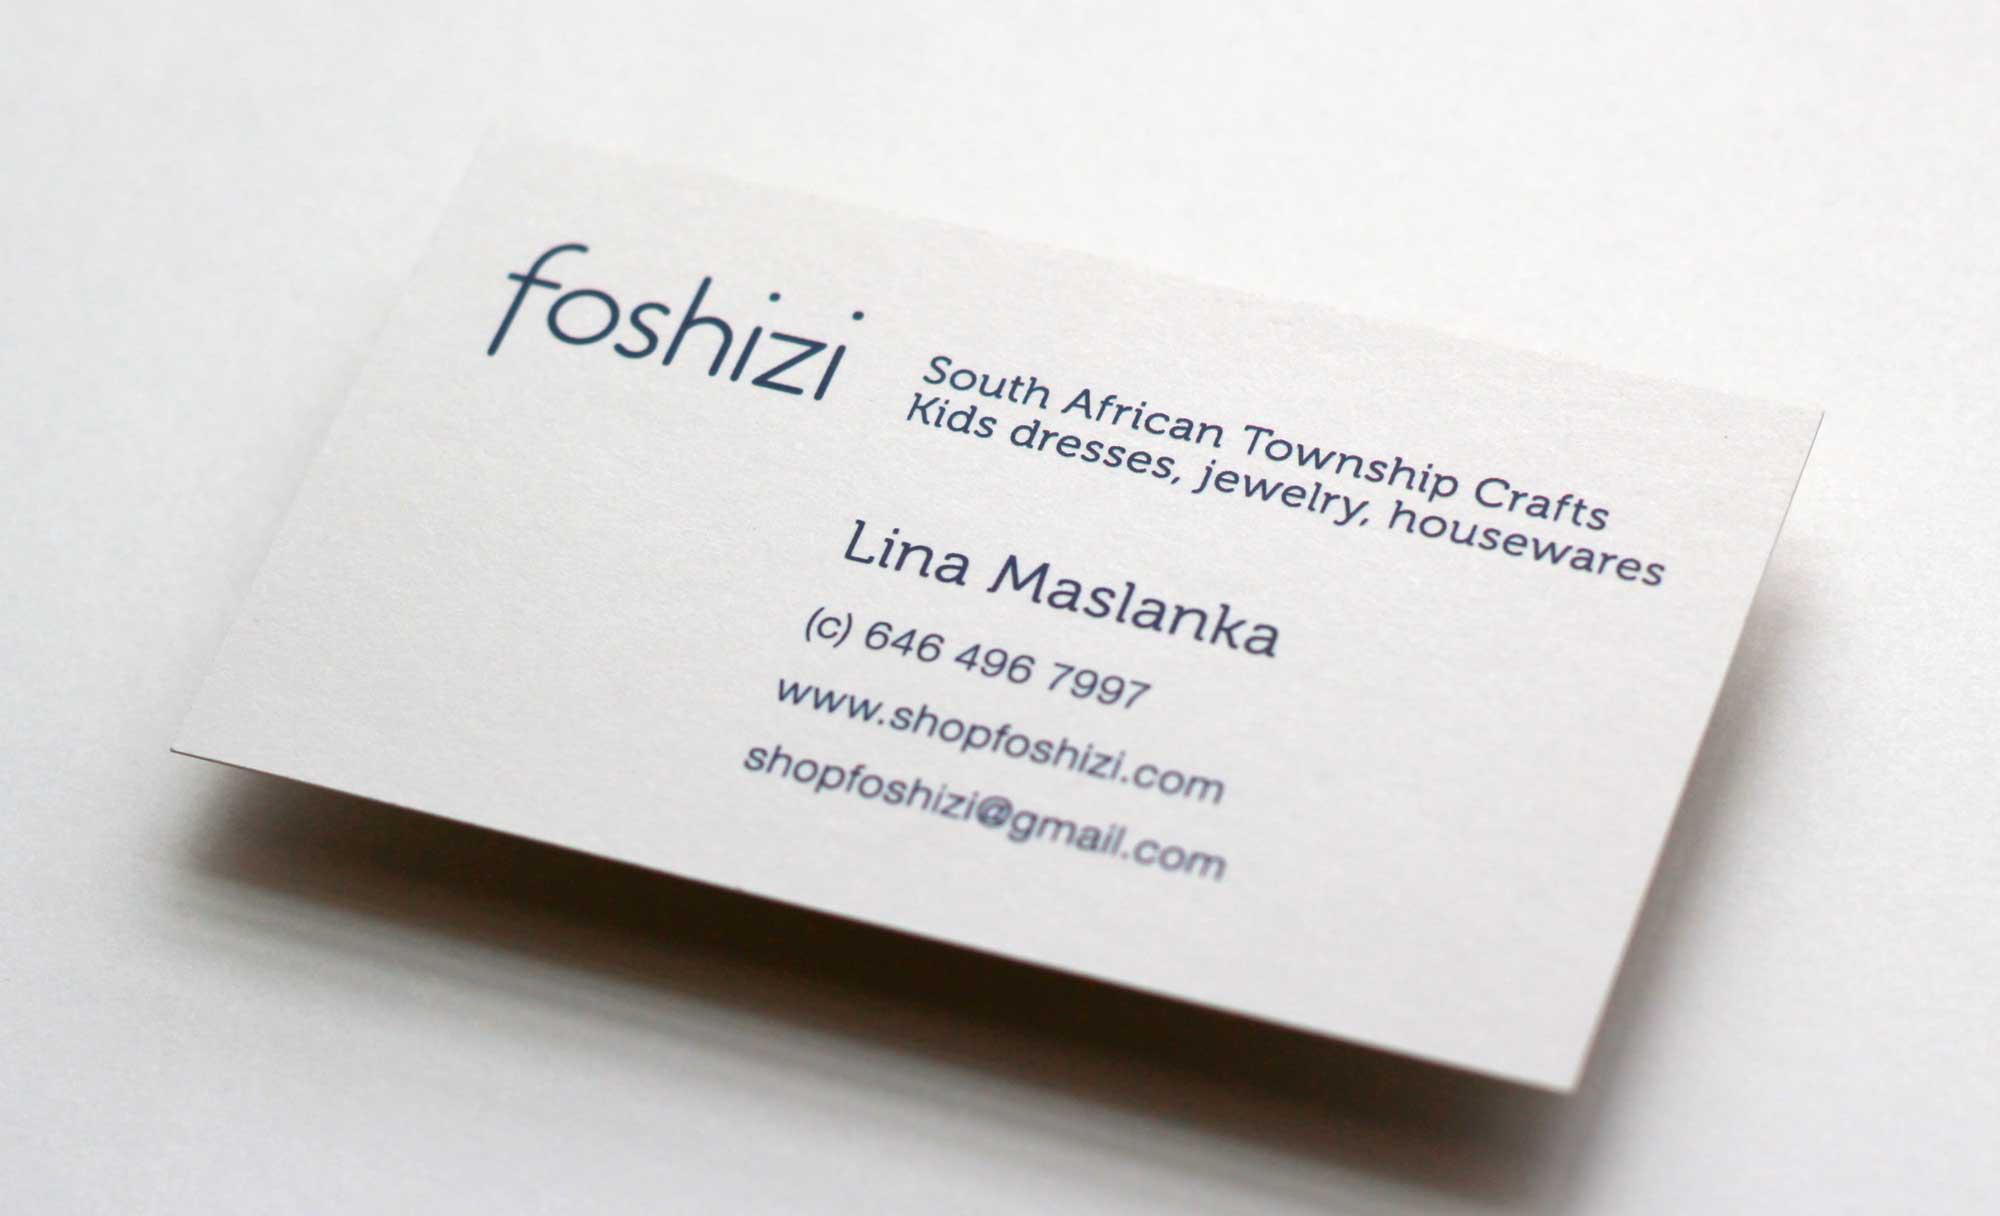 foshizi_biz_back_web